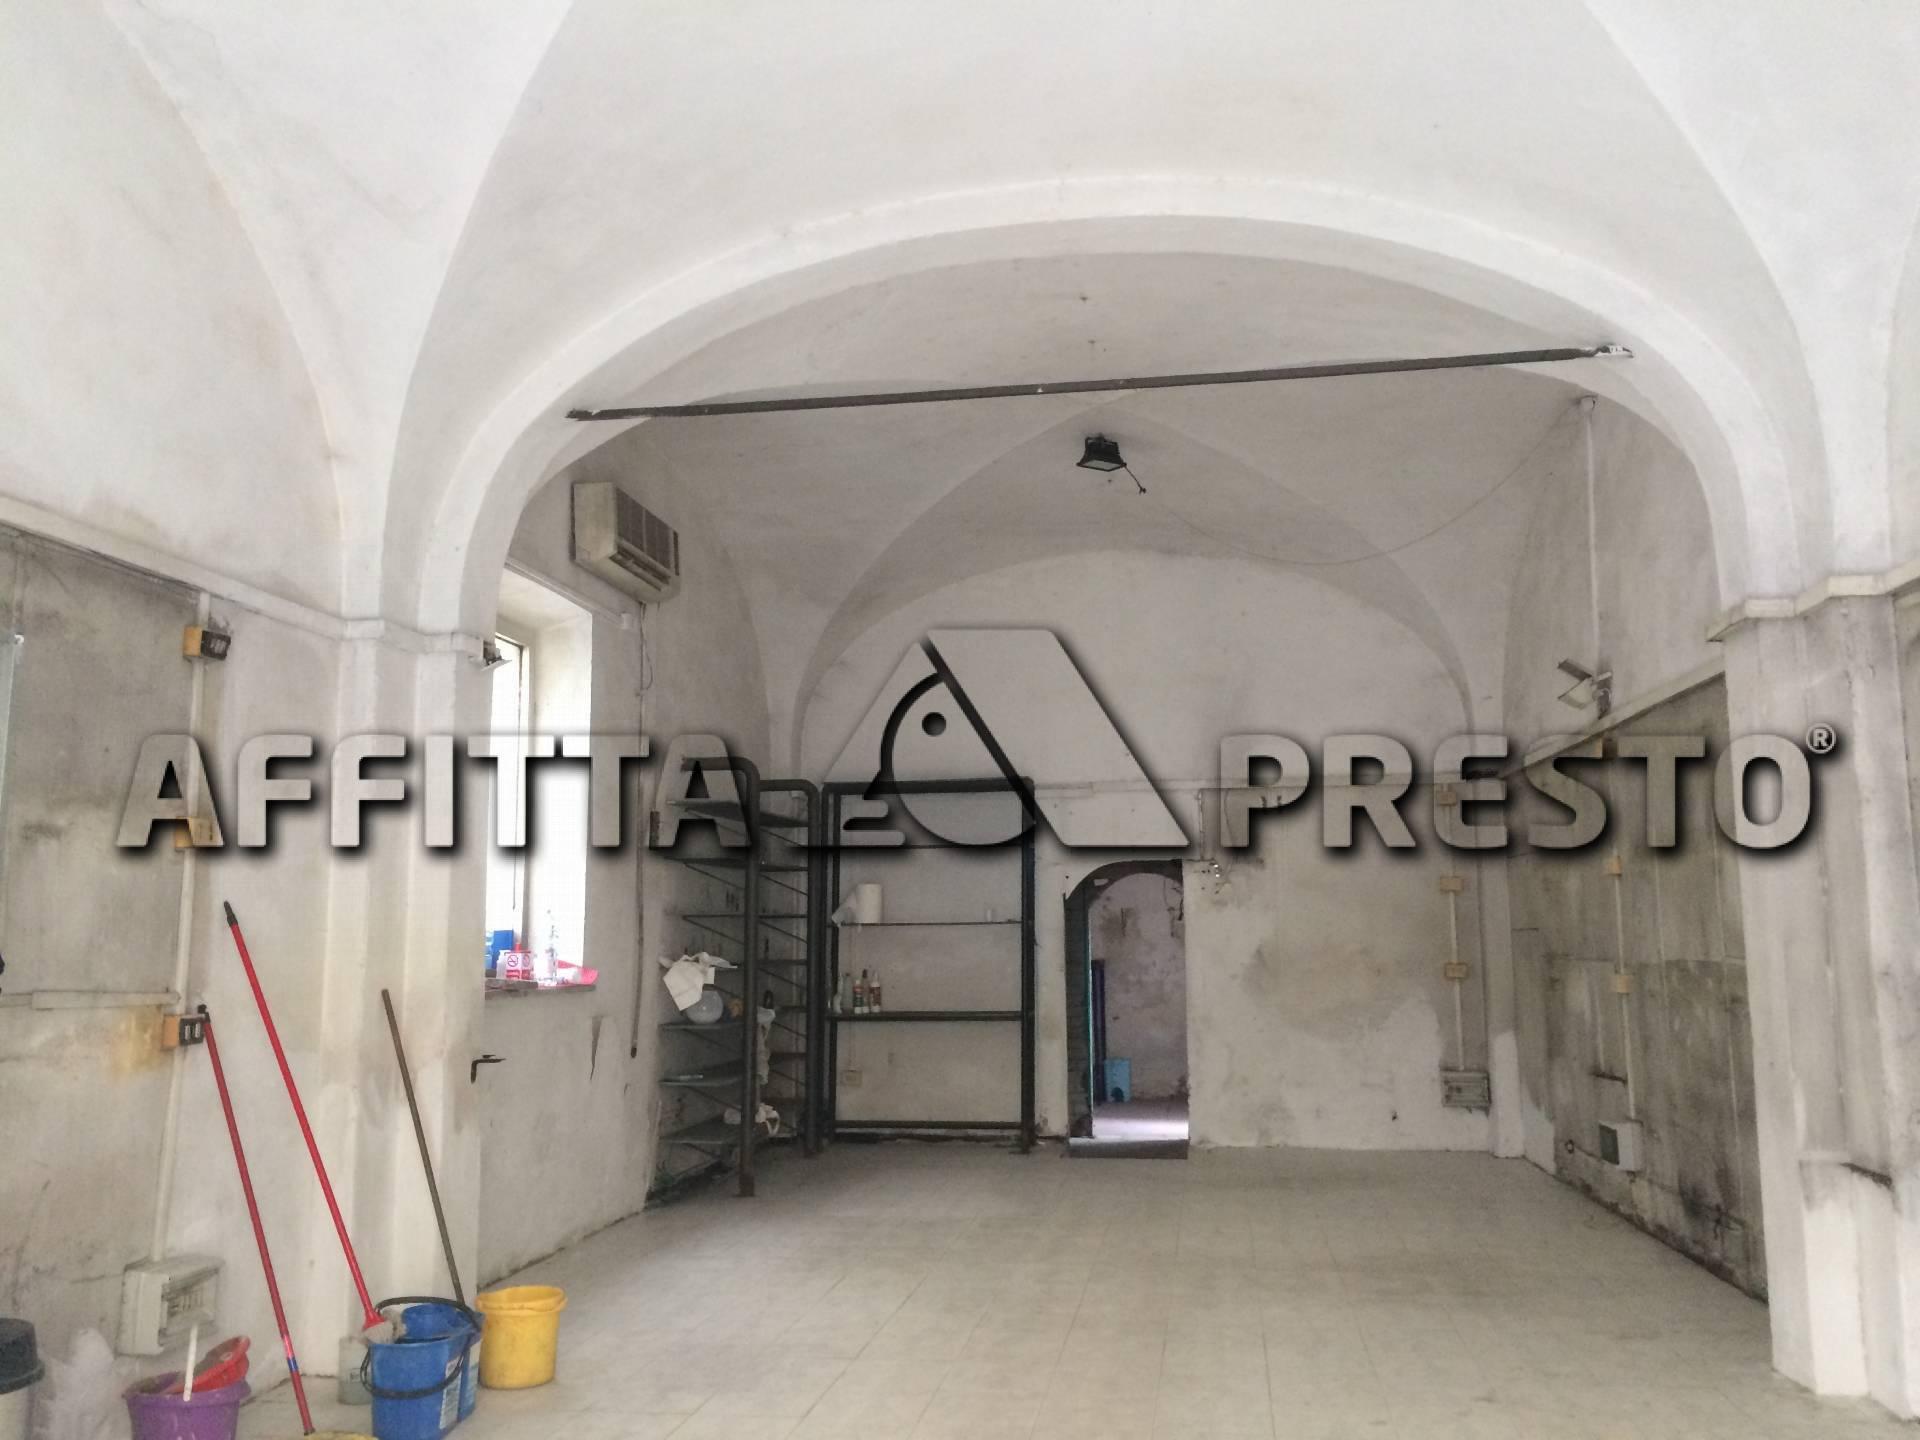 Attività commerciale in affitto a Pisa